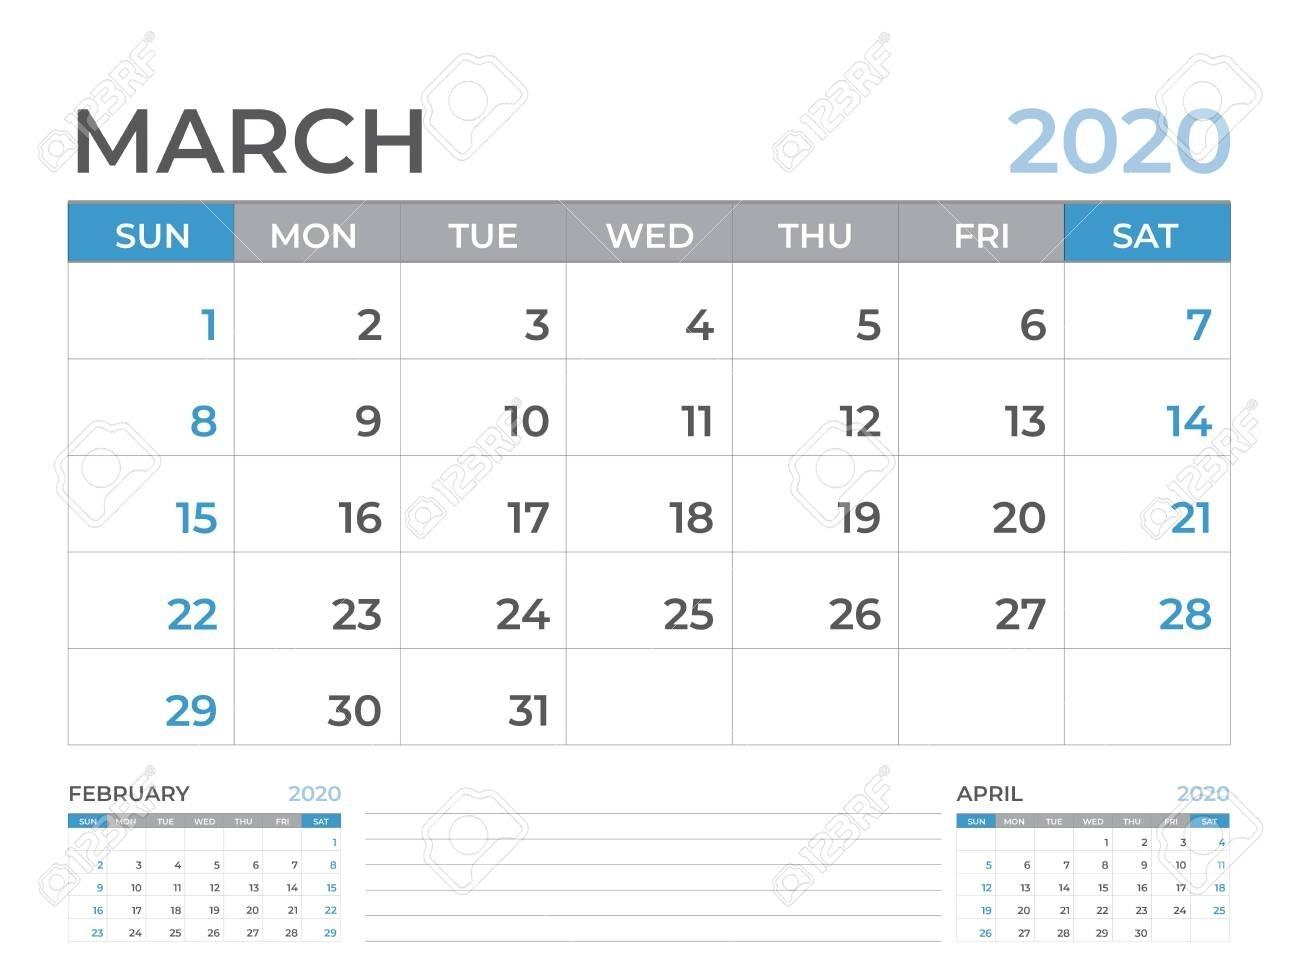 March 2020 Calendar Template, Desk Calendar Layout Size 8 X..